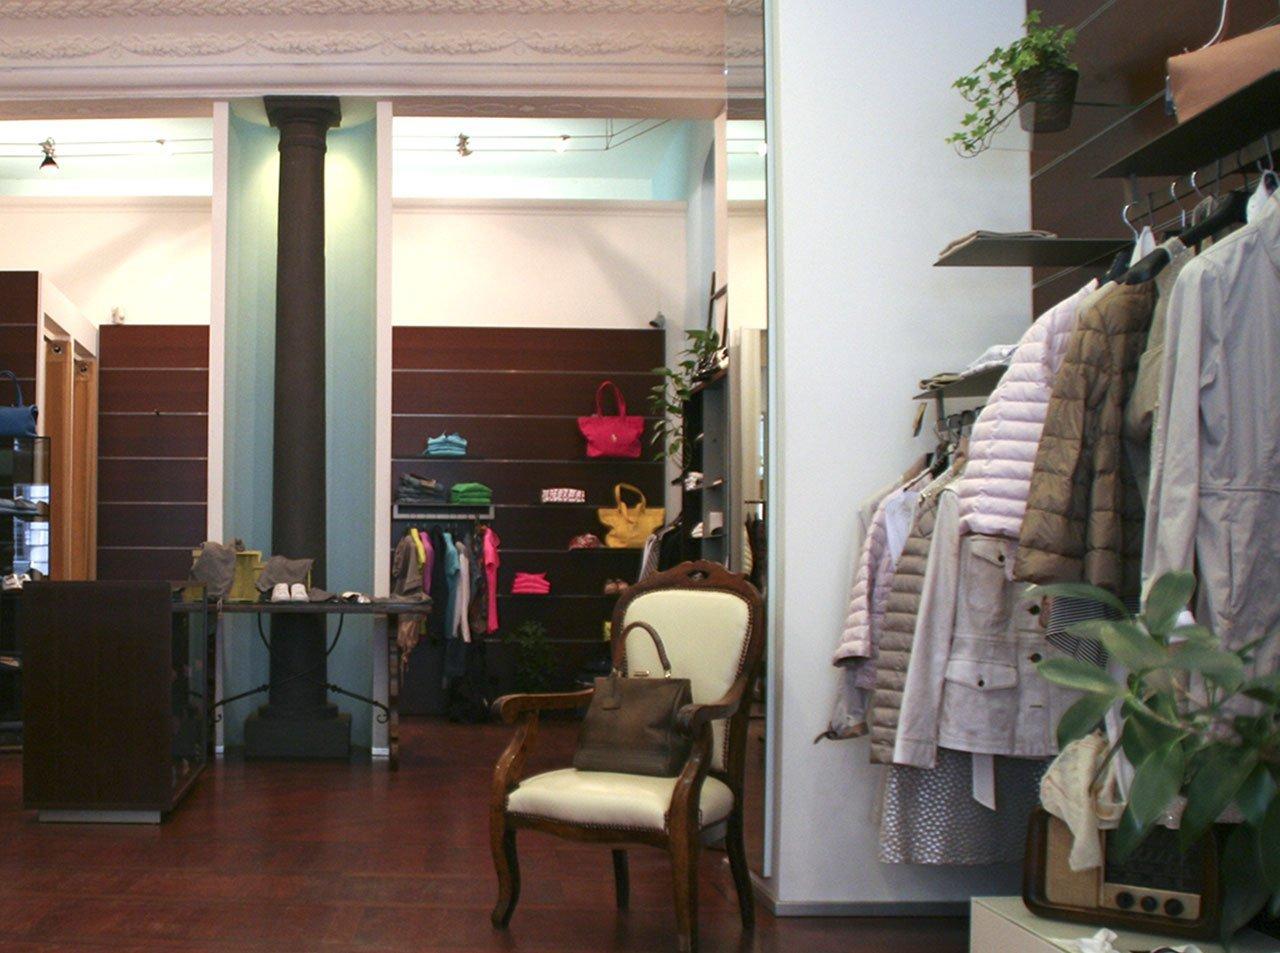 angolo giacche in un negozio di abbigliamento